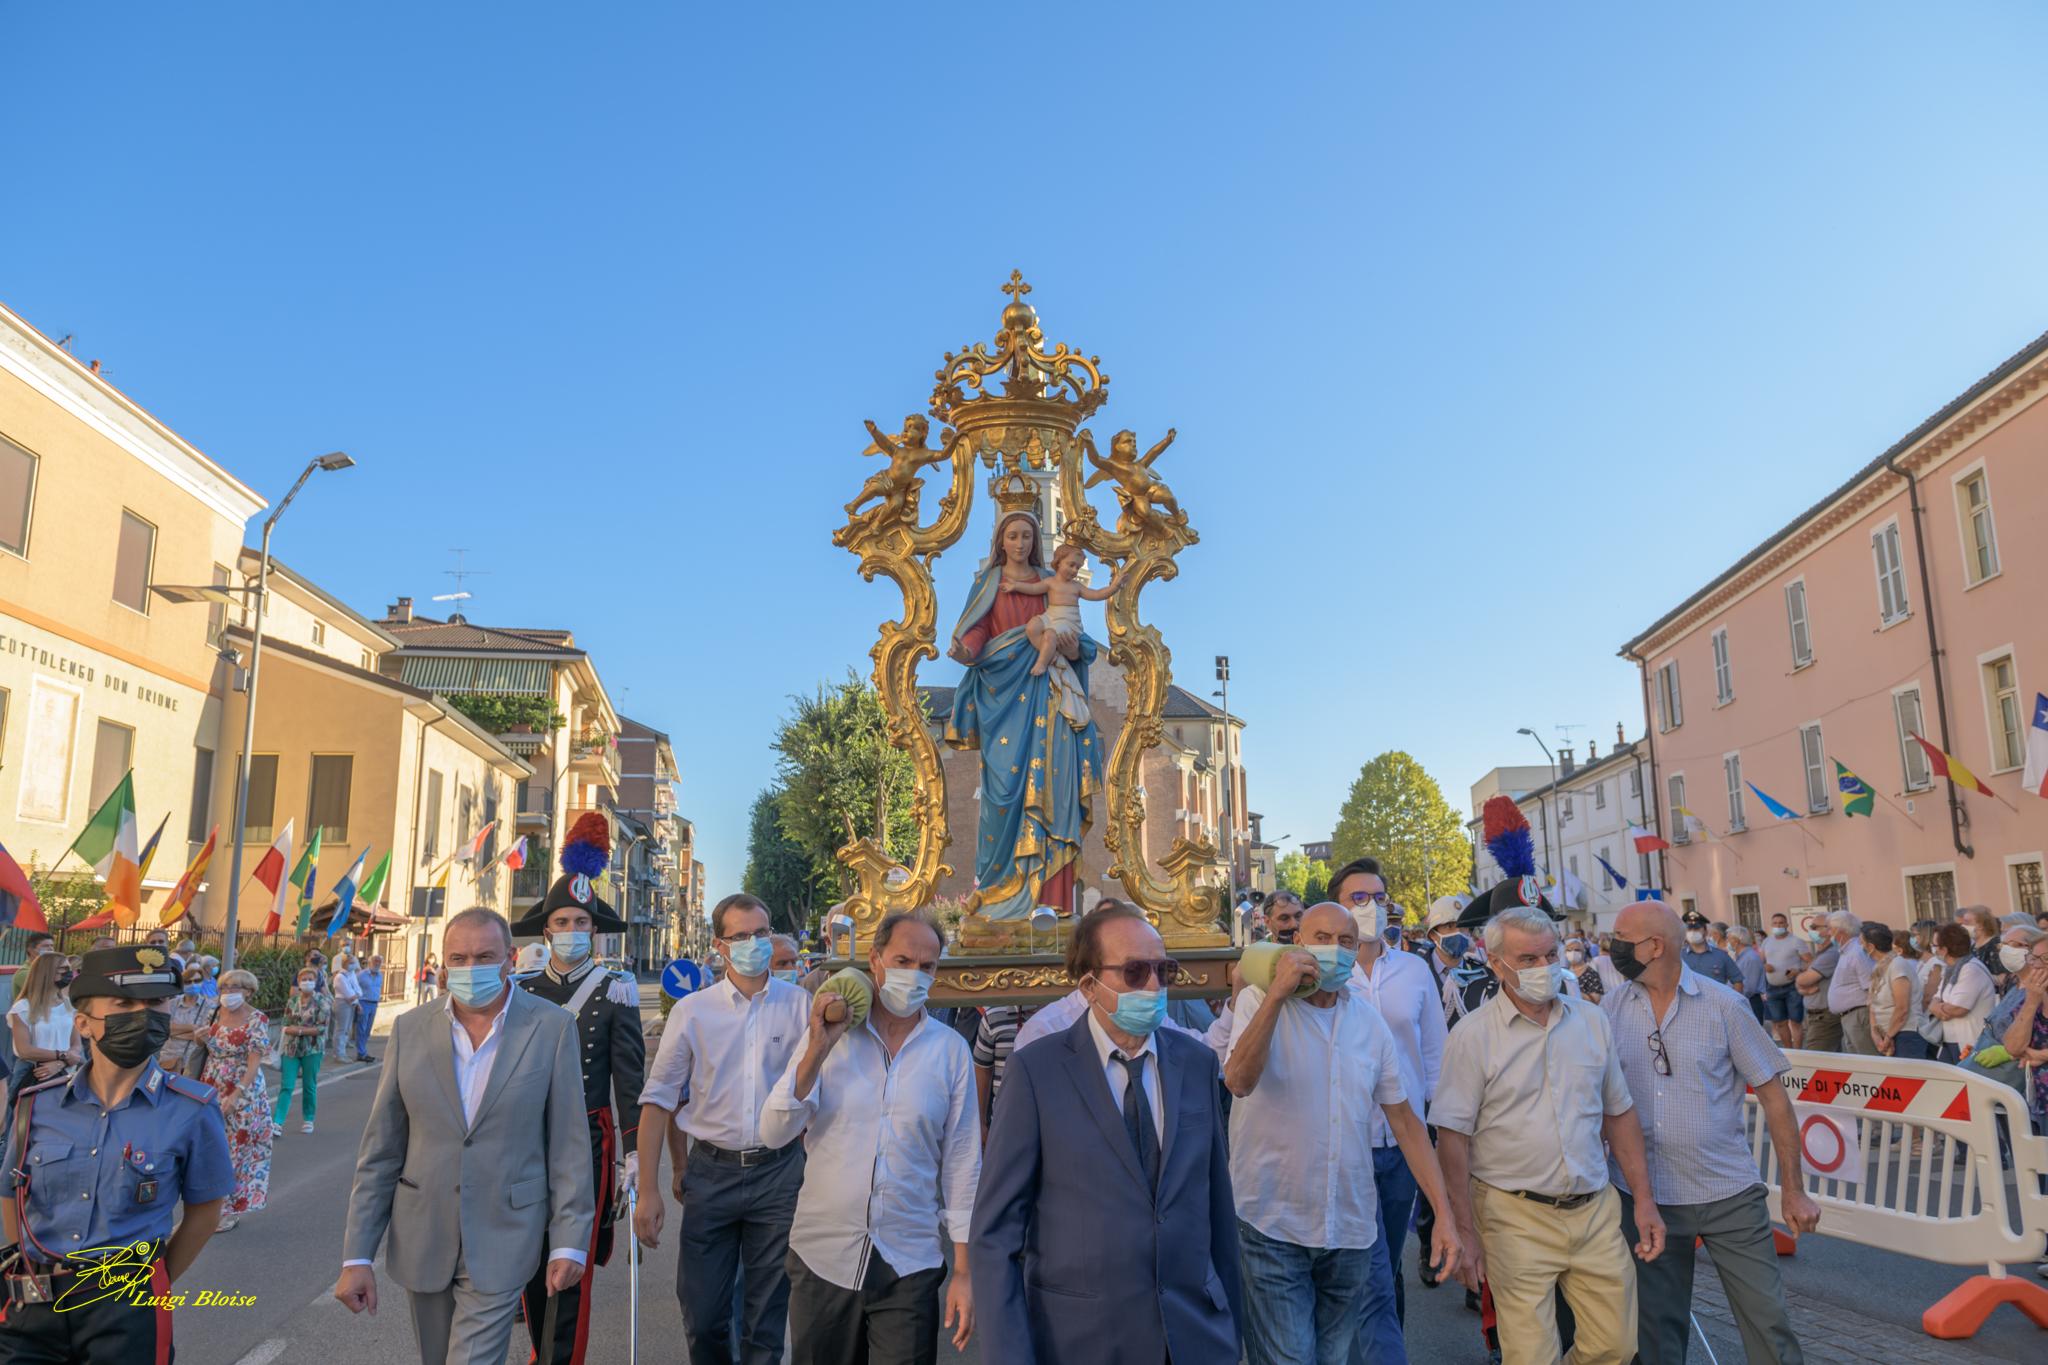 29-agosto-2021-Viola-17-e-processione-MdG-–-FOTO_mdg_-174